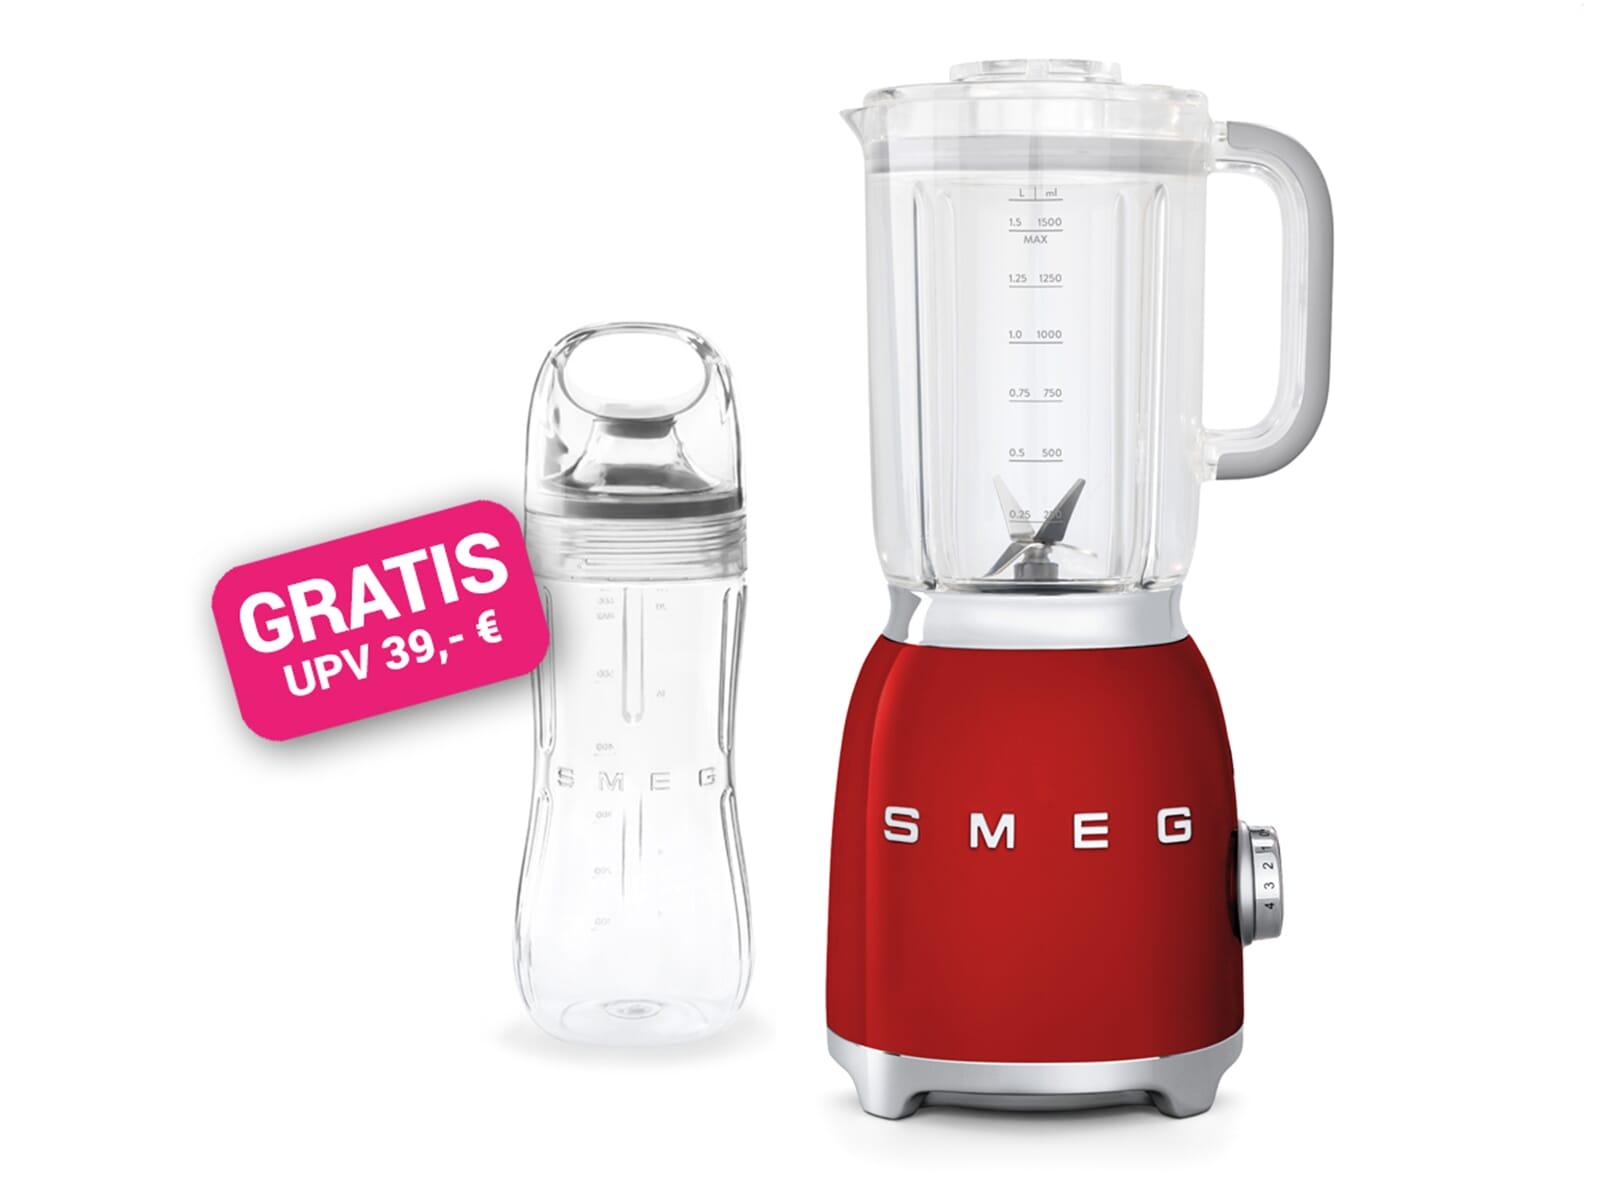 Smeg BLF01RDEU Standmixer Rot inkl. GRATIS Trinkflasche BGF01